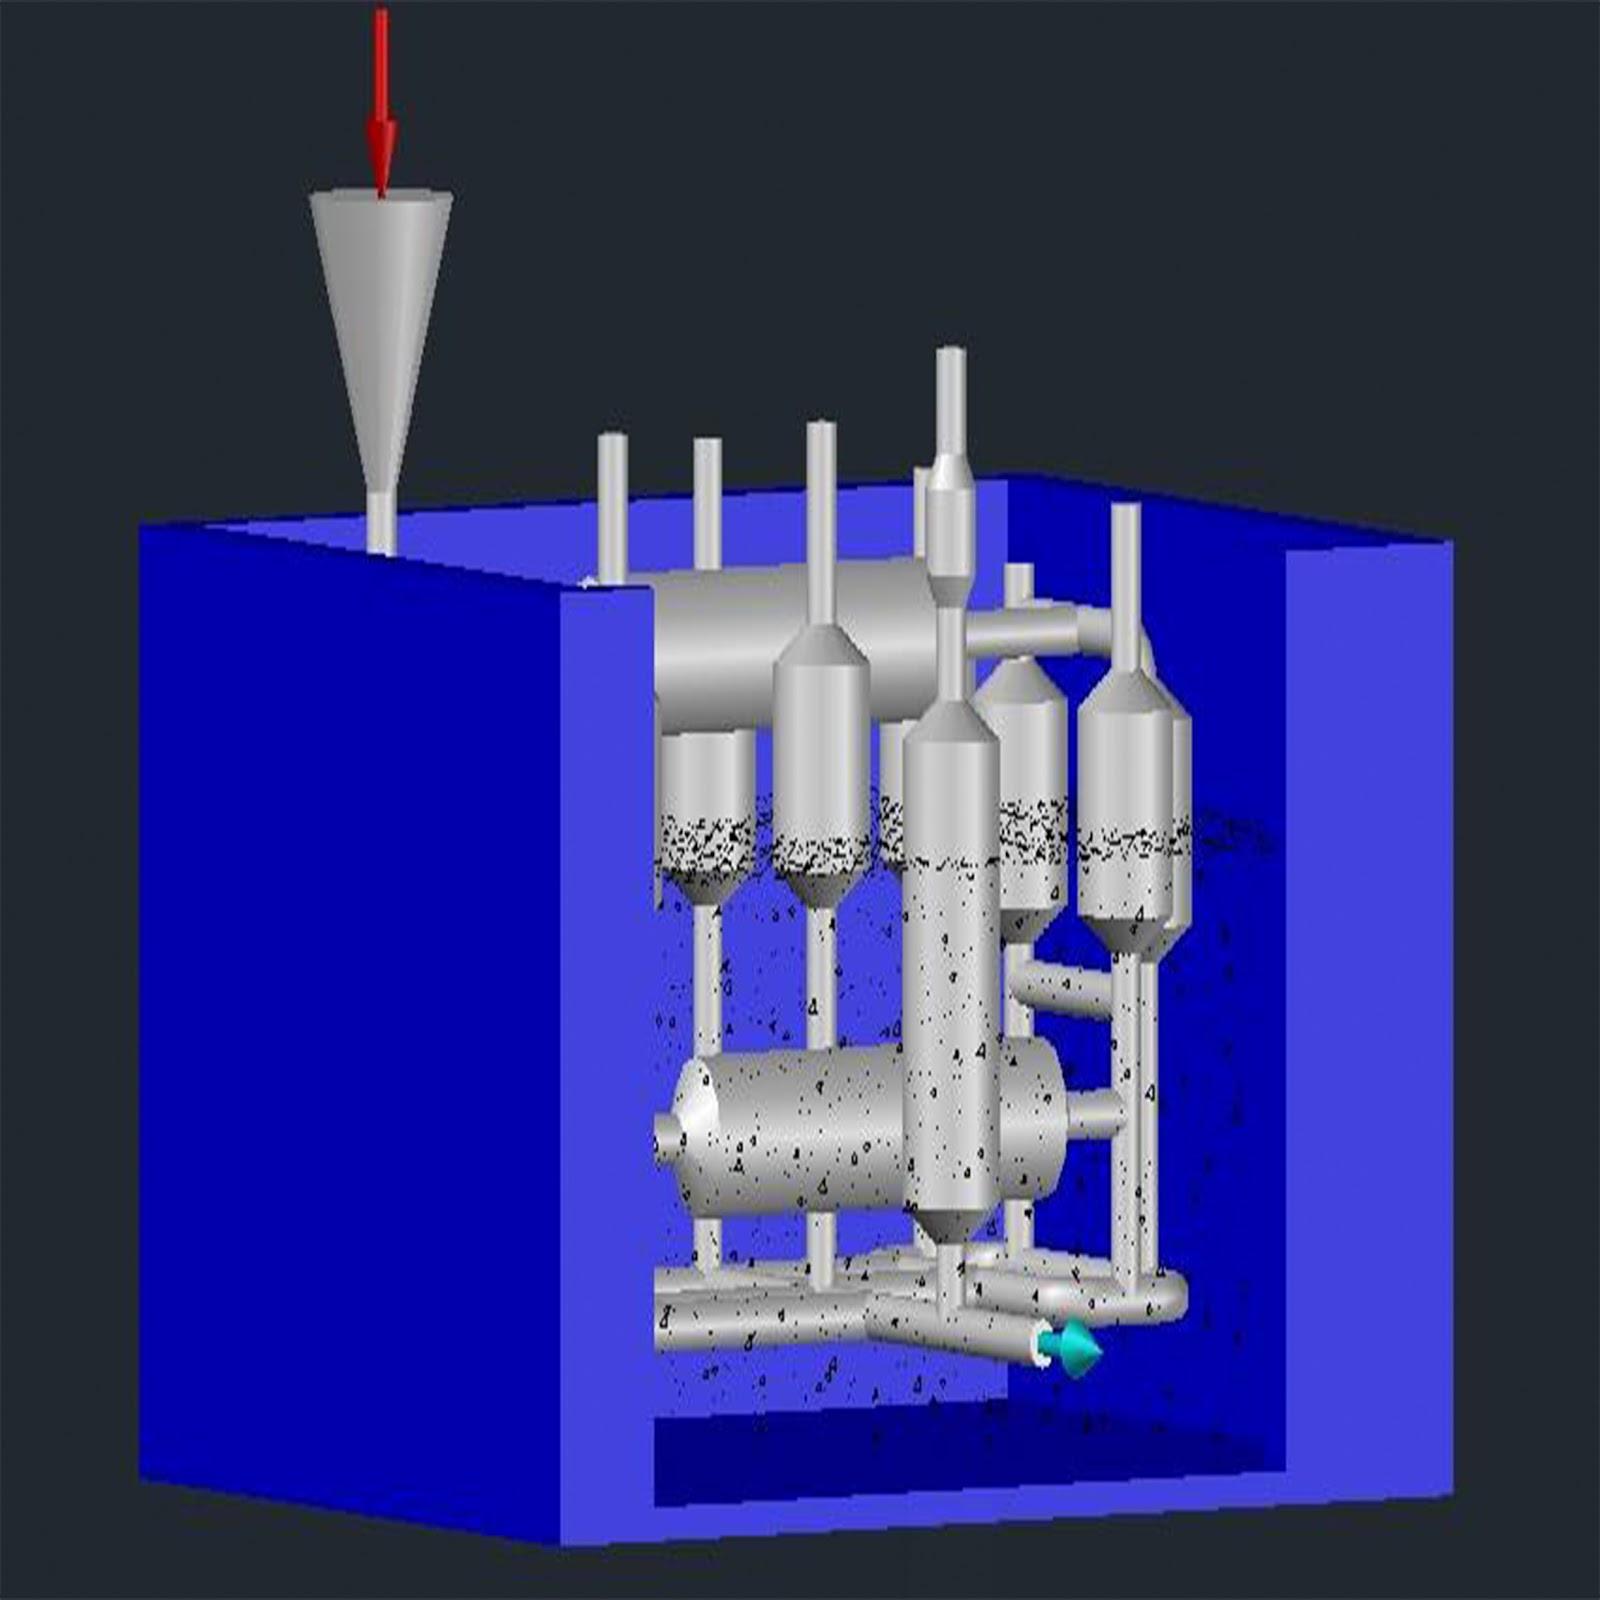 Phương pháp xử lý nước cứng tại nhà đạt hiệu quả cao hiện nay